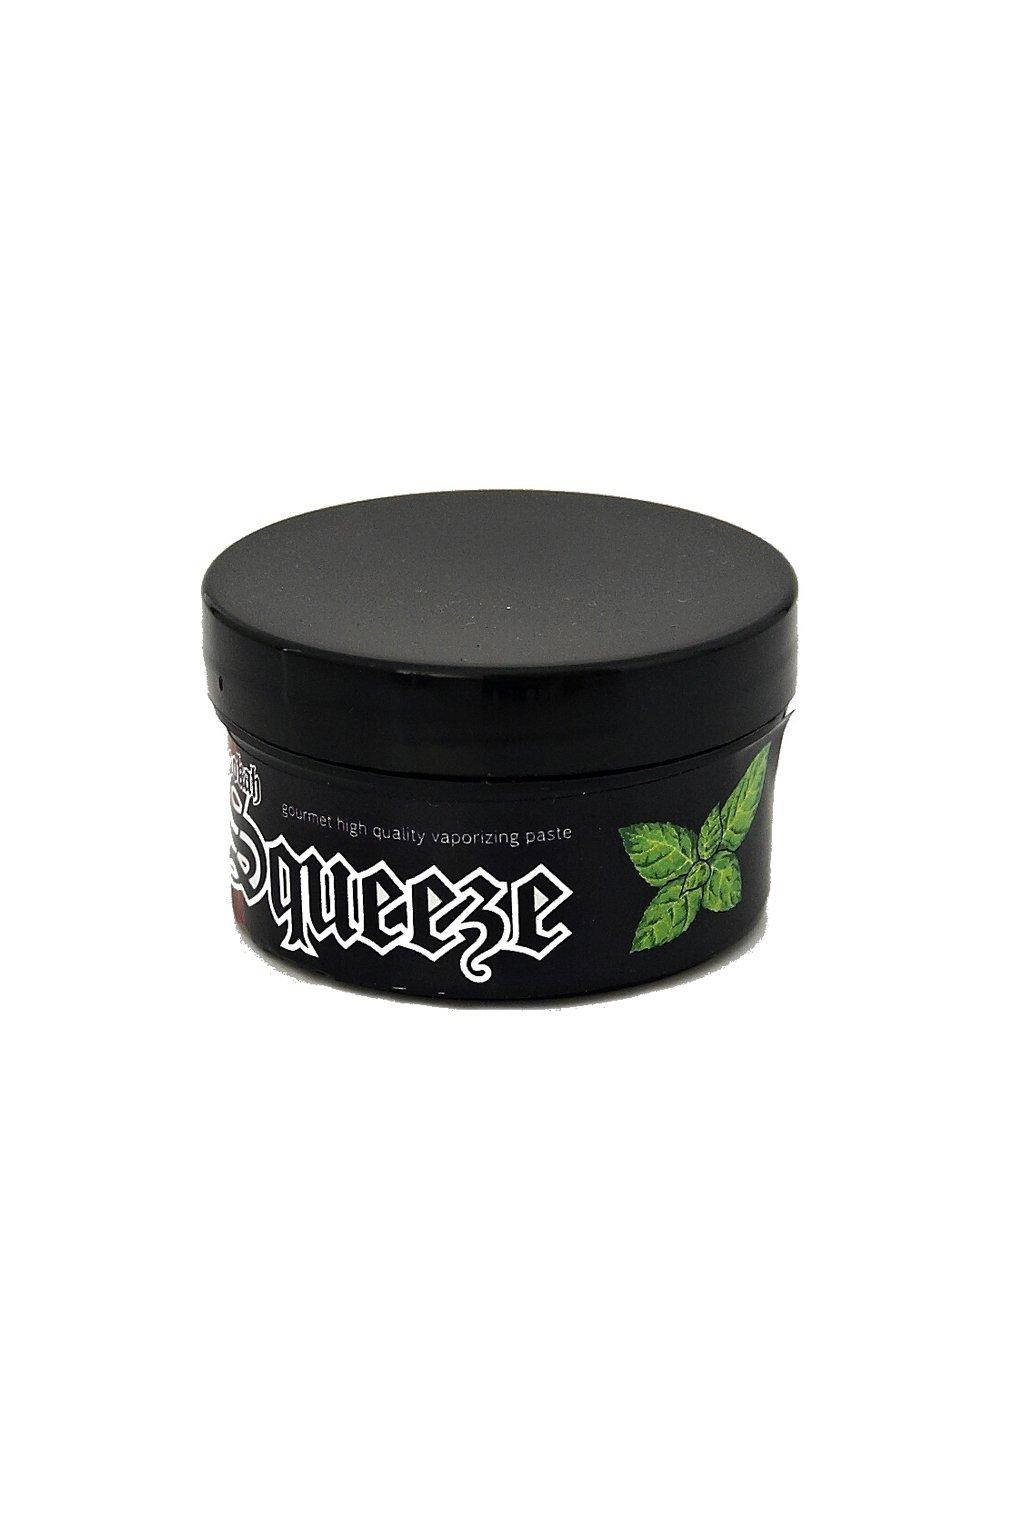 hookahSqueeze Vapor Paste 050 g Mint